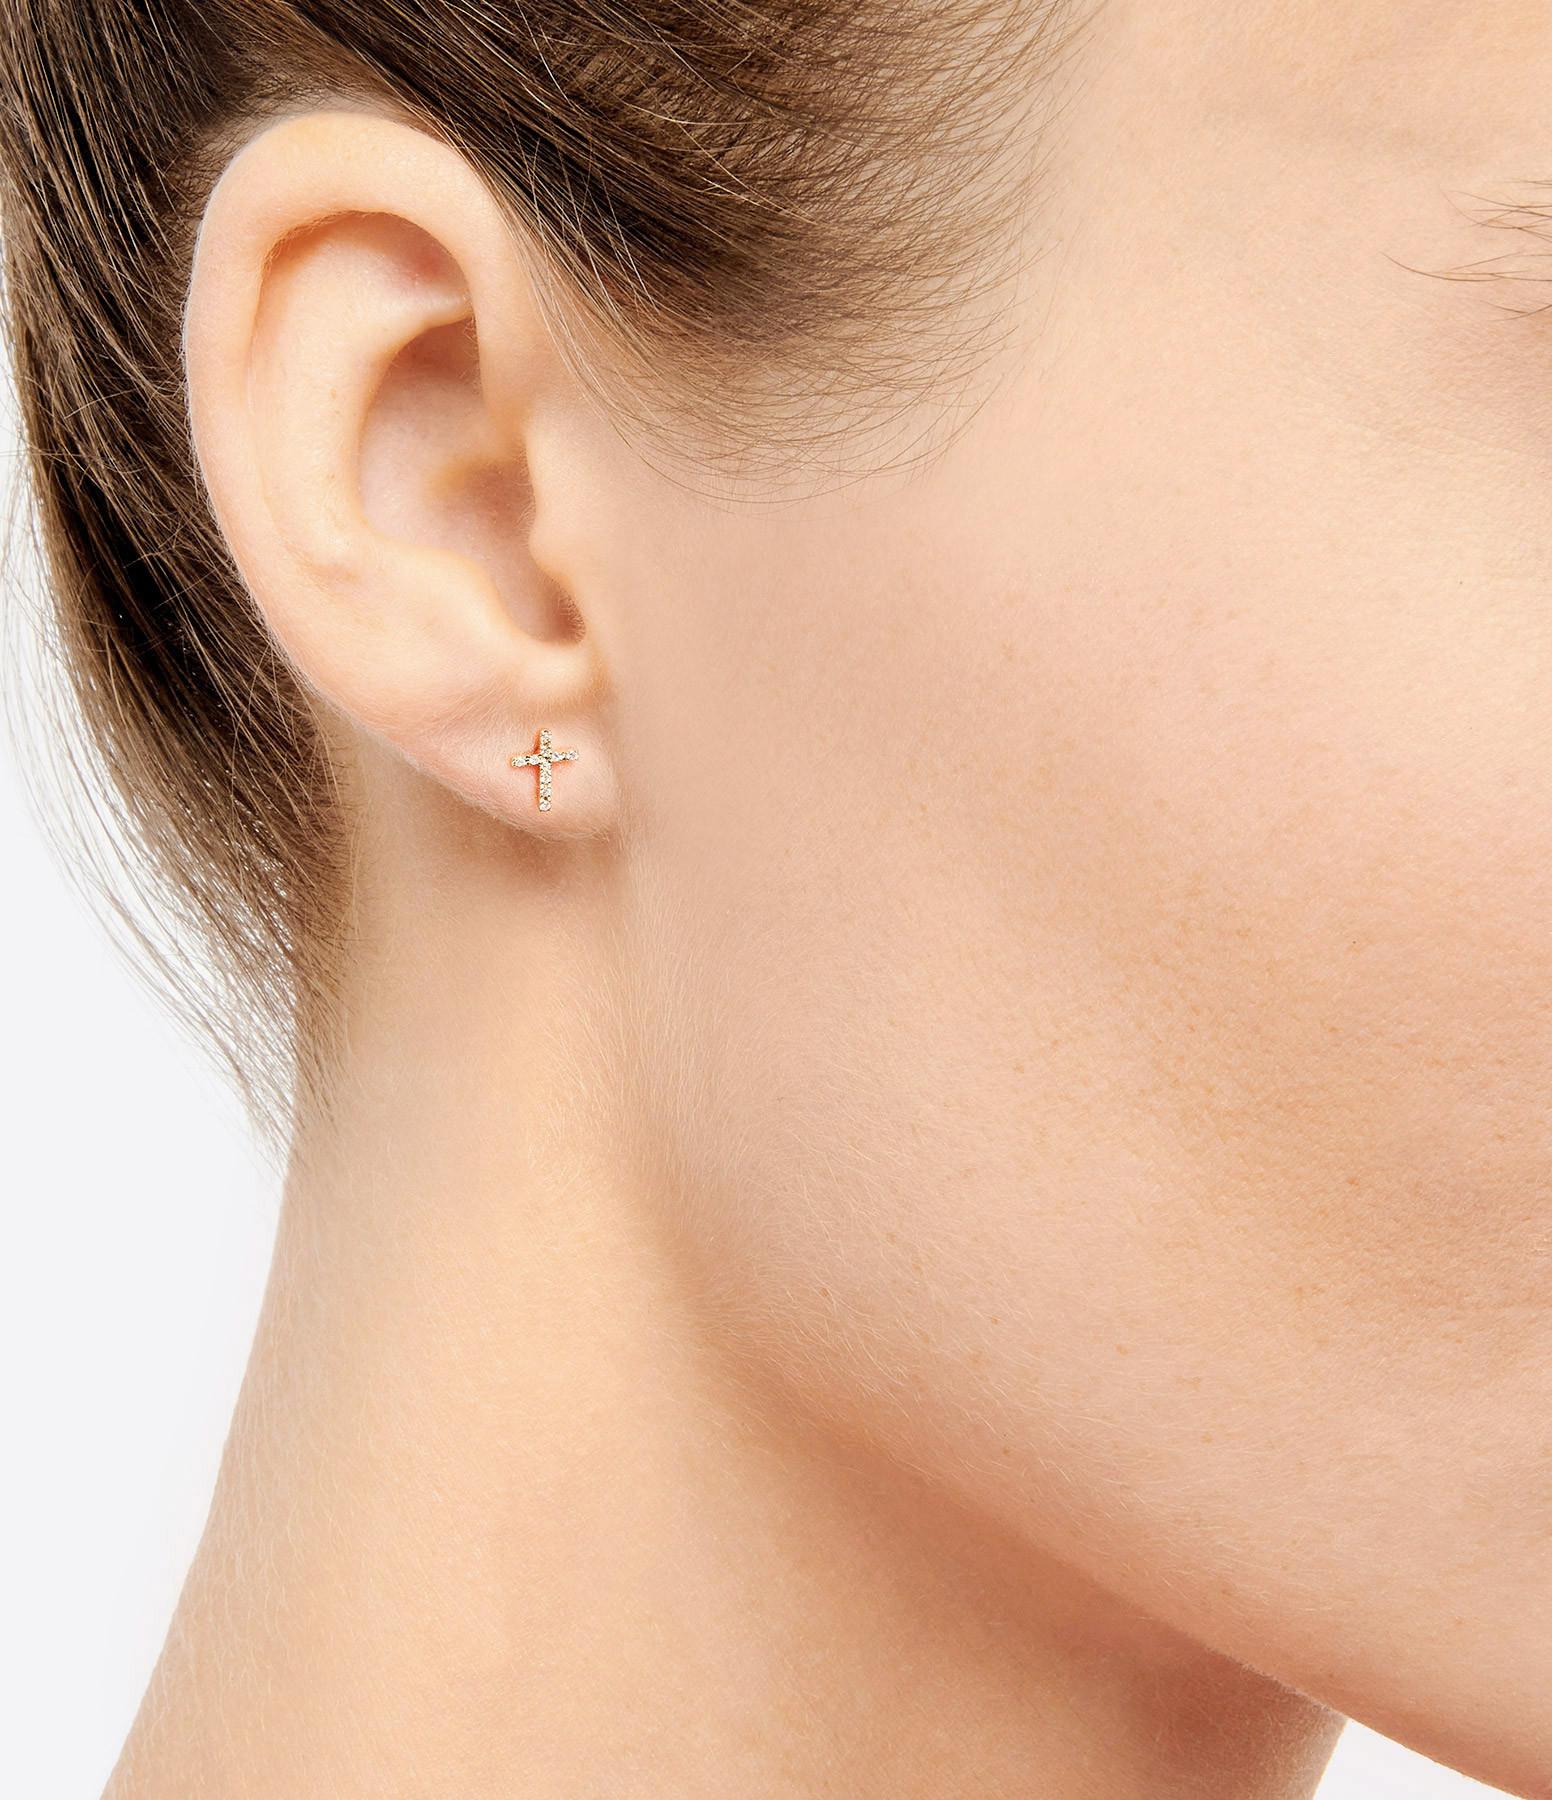 AND...PARIS - Boucle d'oreille Croix Or Diamants (vendue à l'unité)